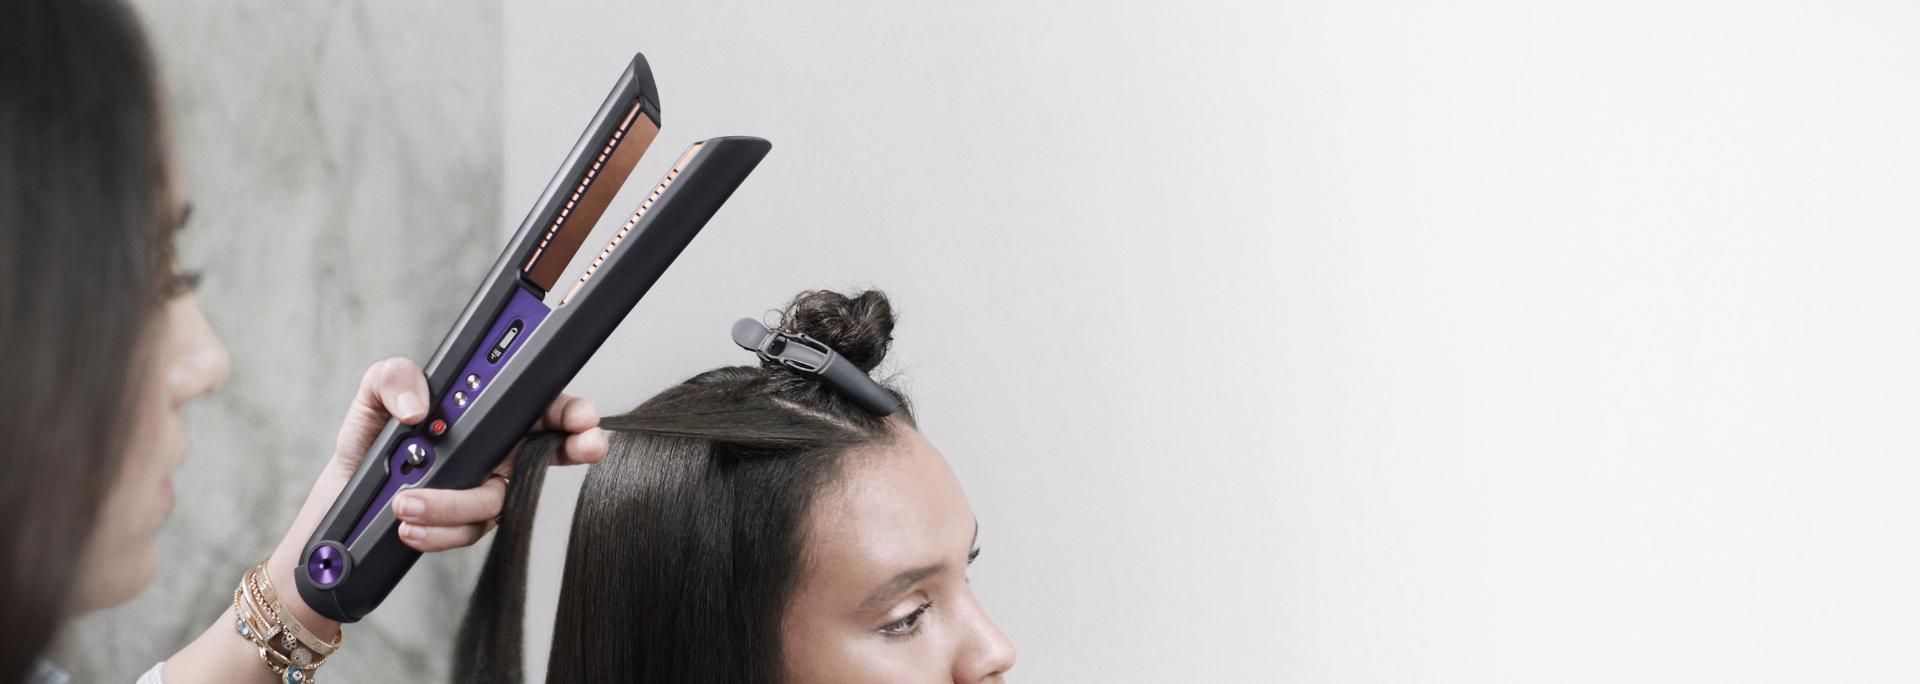 صورة مُقرَّبة من مُصفّفة شعر محترفة تستخدم جهاز تمليس الشعر Dyson Corrale